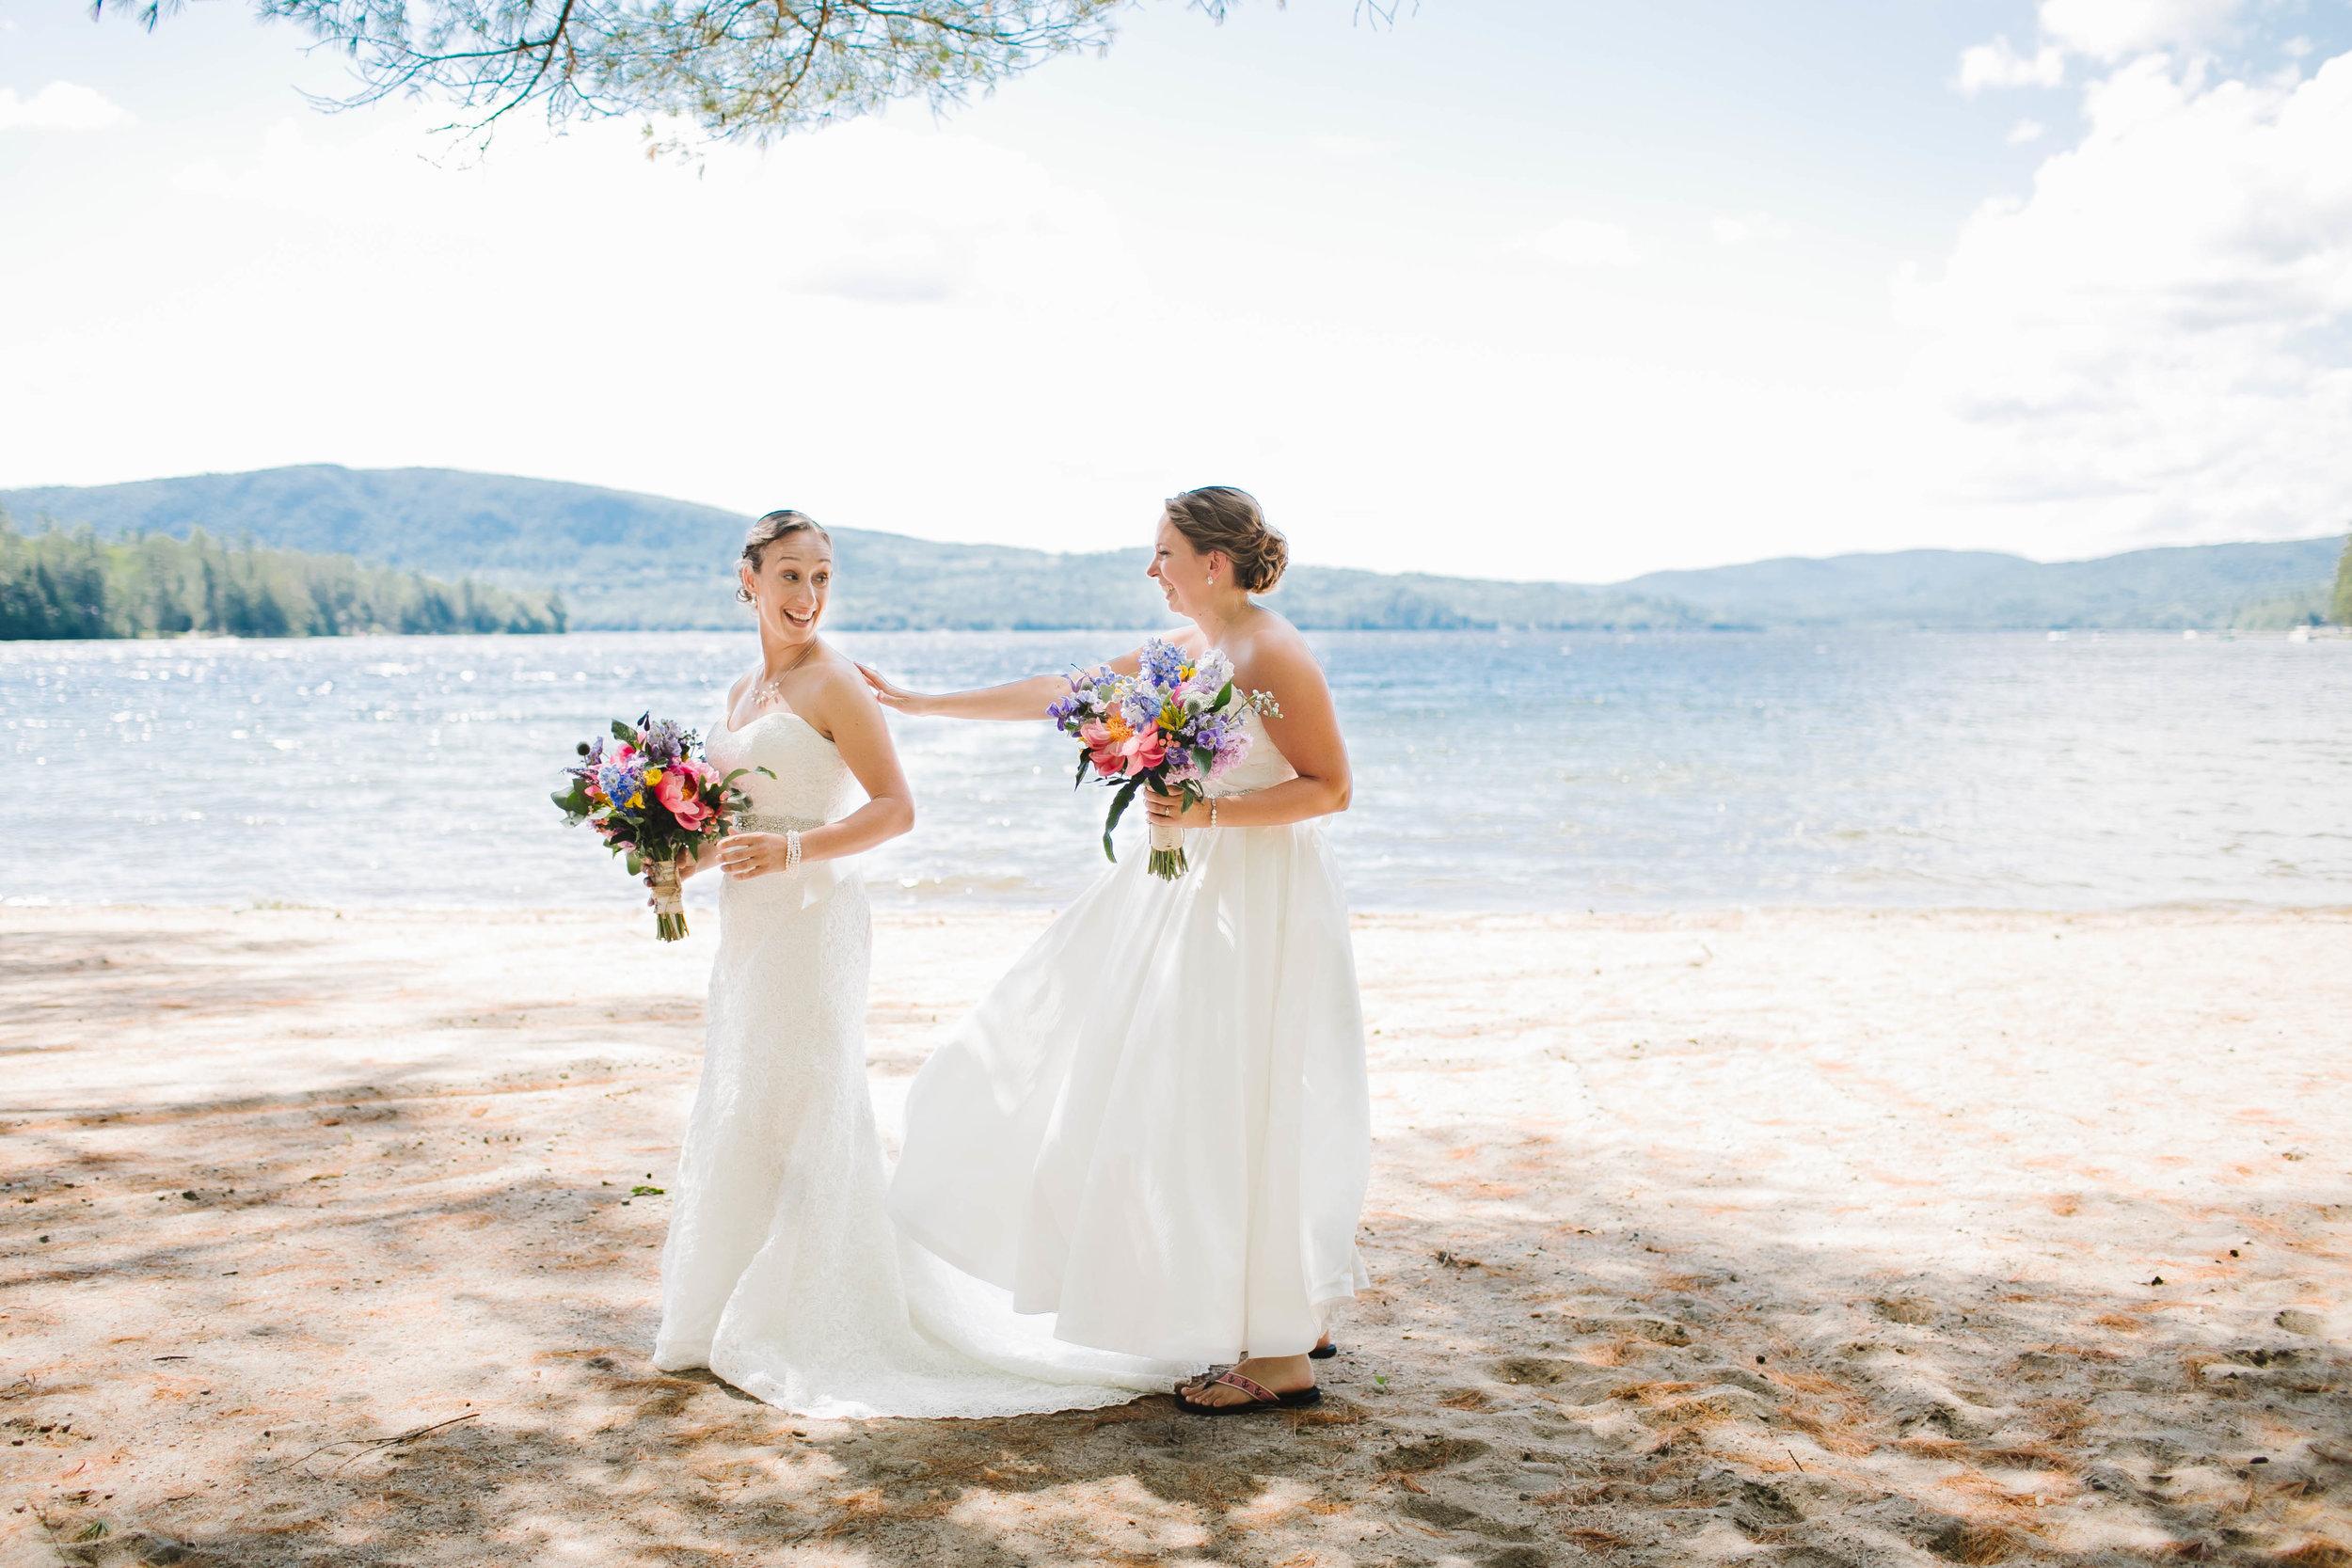 Wedding at Inn at Newfound Lake Bristol RI Kate and Kate-4.jpg